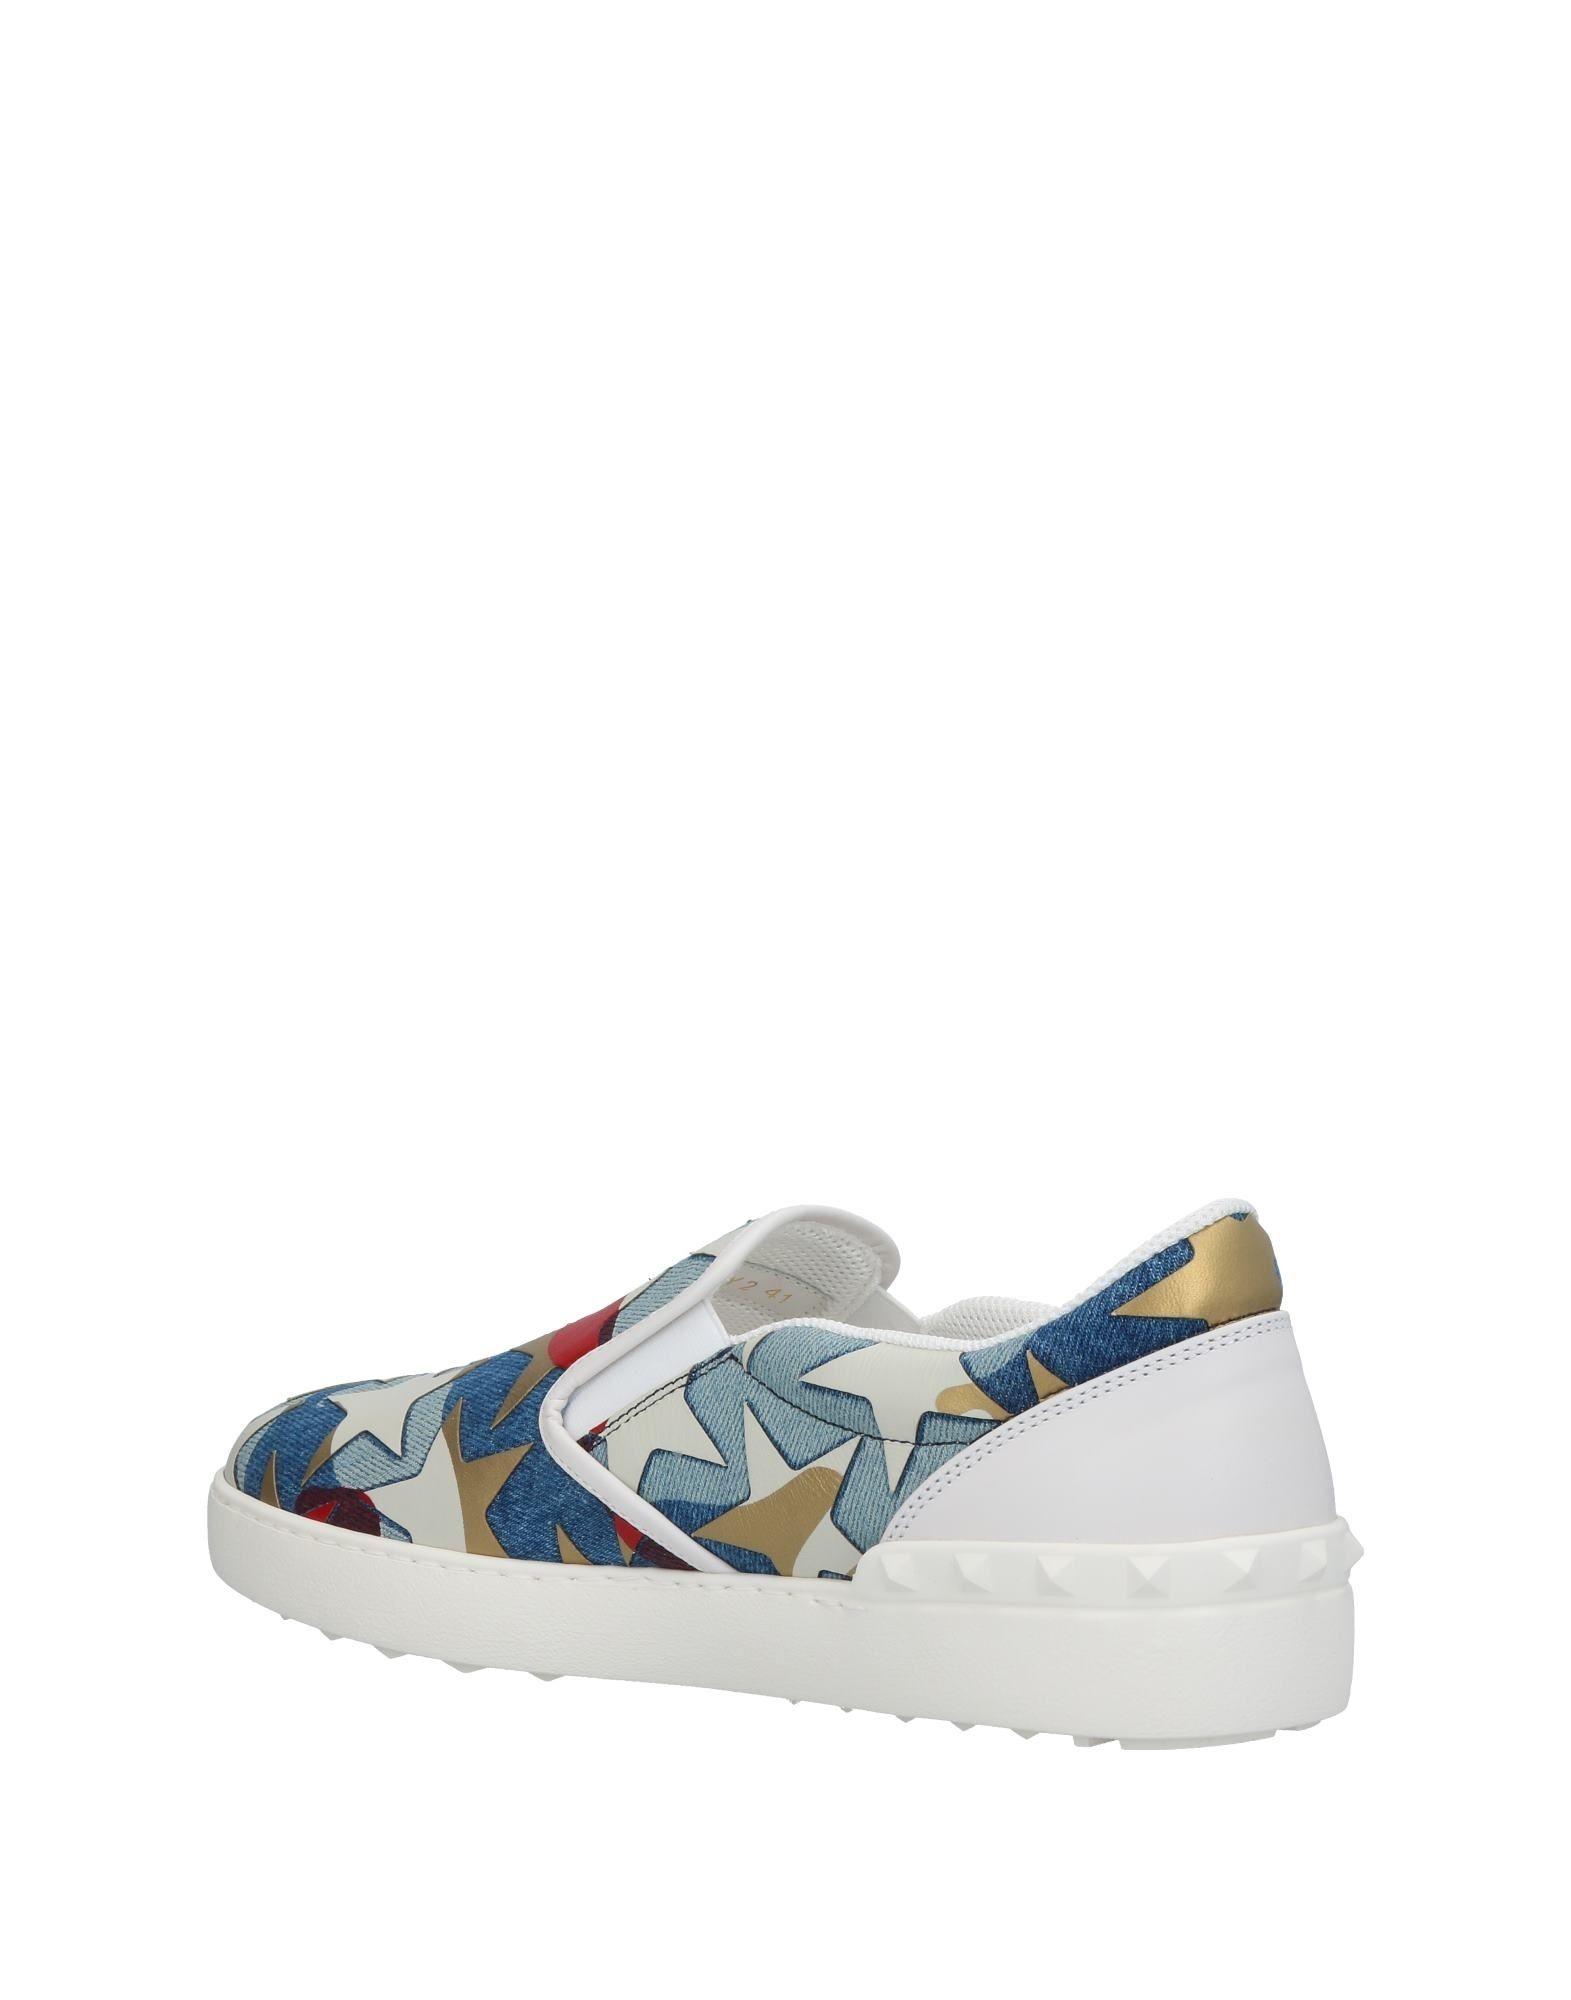 Valentino Garavani Garavani Garavani Sneakers Herren  11366218NS a5c0a7